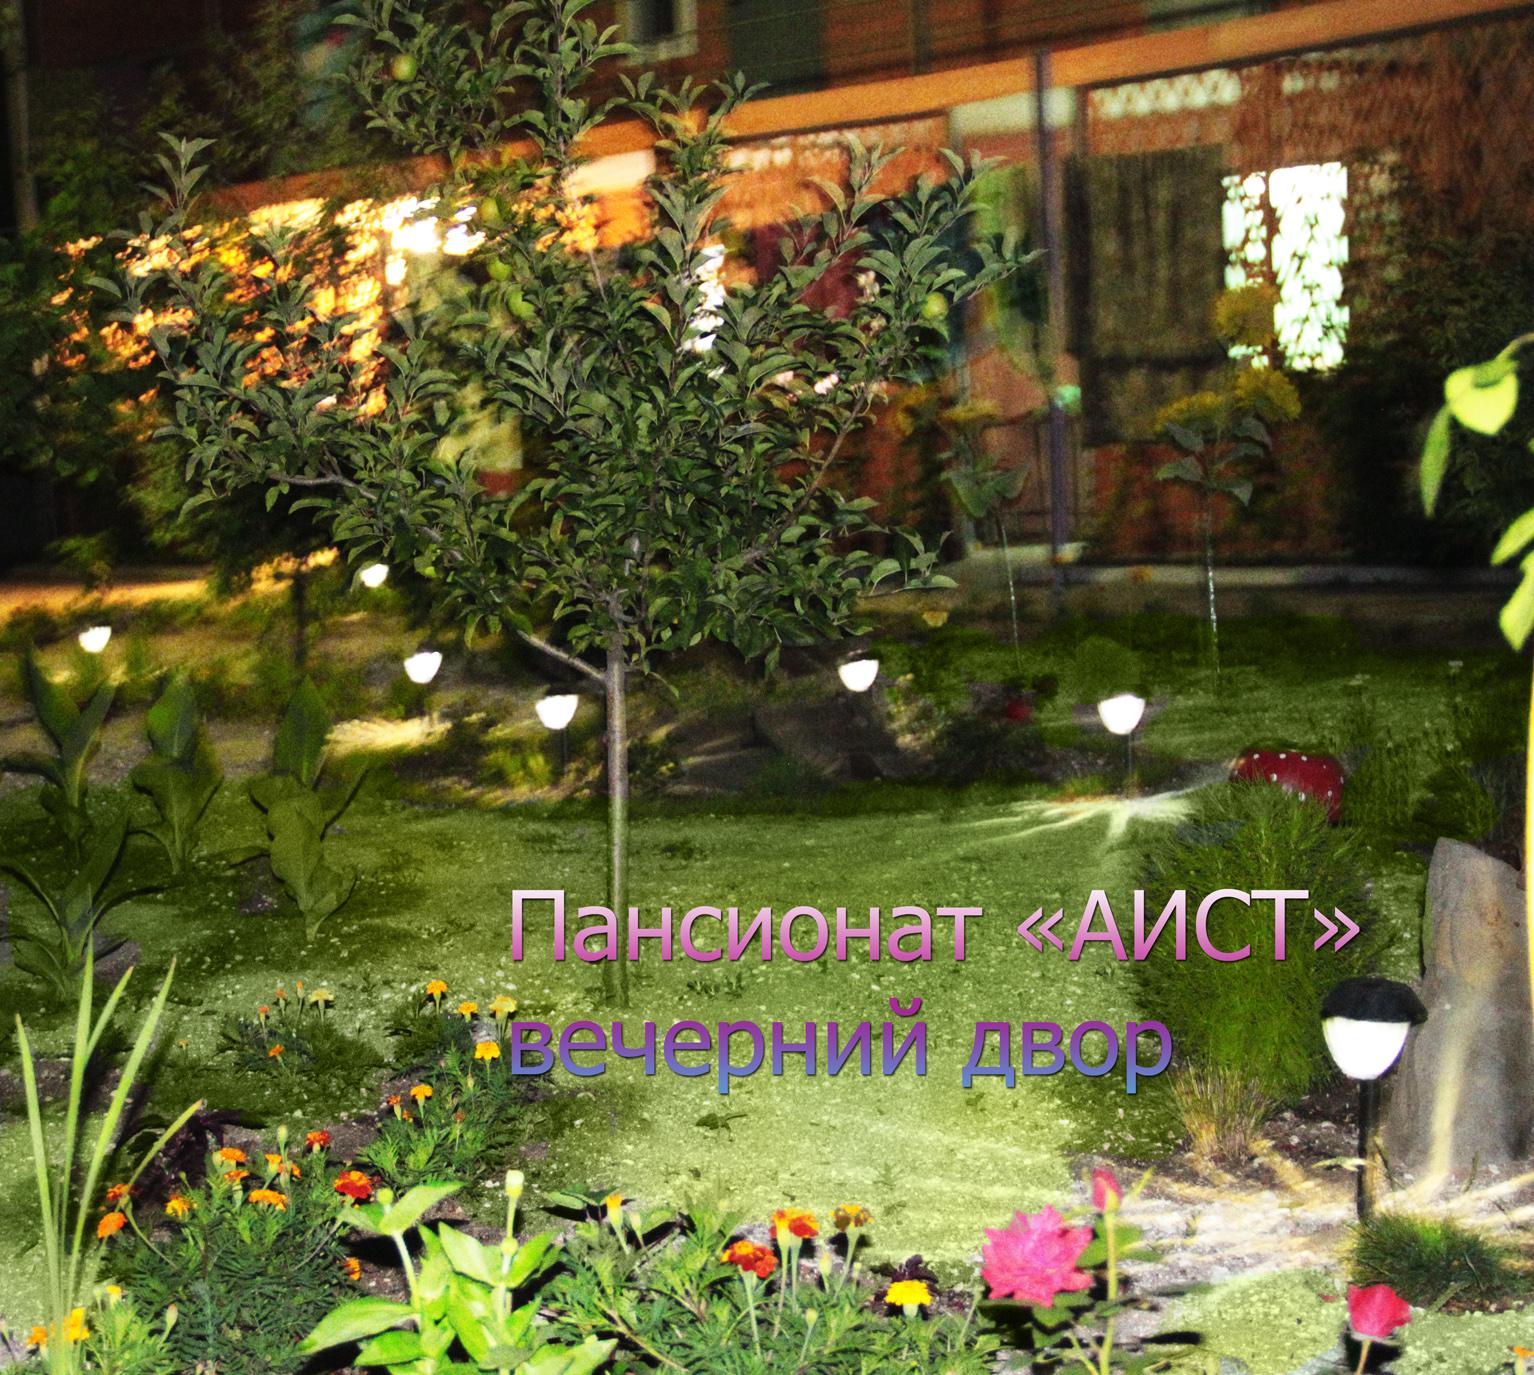 http://s1.uploads.ru/i/v9Vyx.jpg